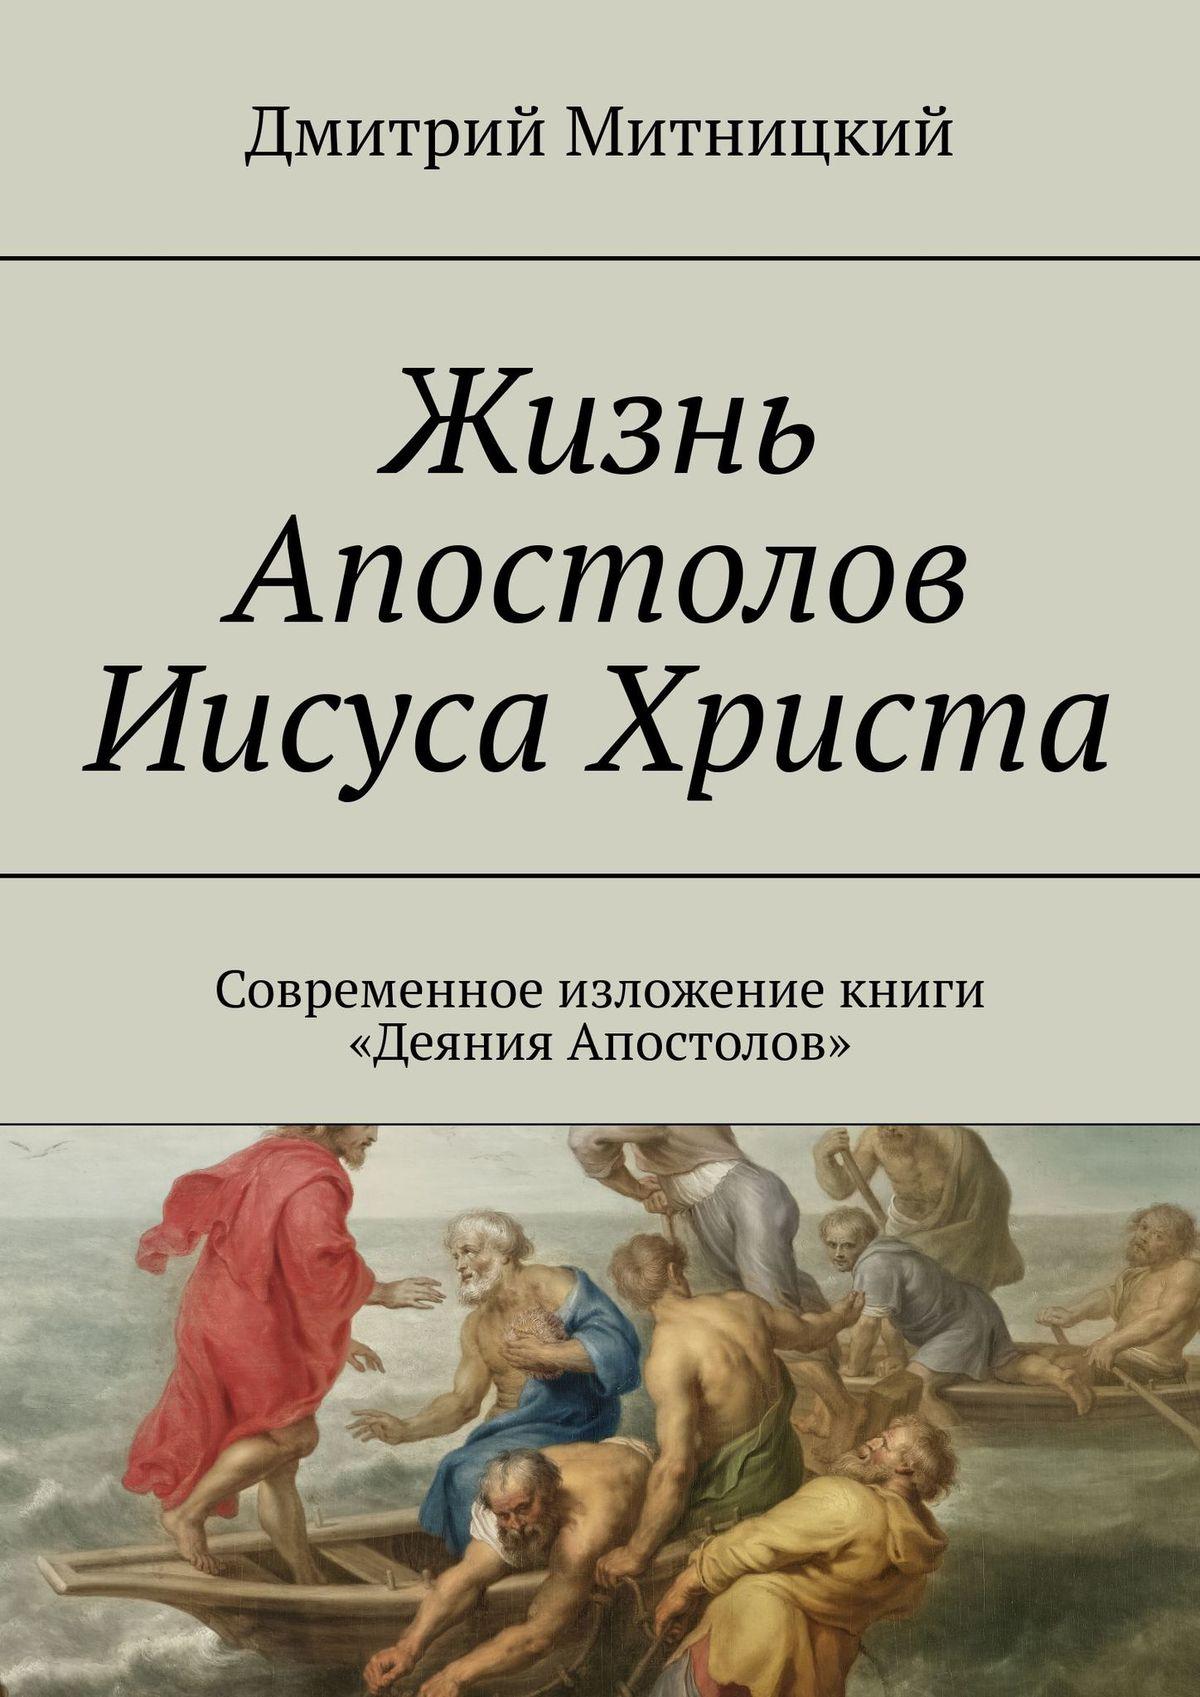 Жизнь Апостолов Иисуса Христа. Современное изложение книги «Деяния Апостолов»